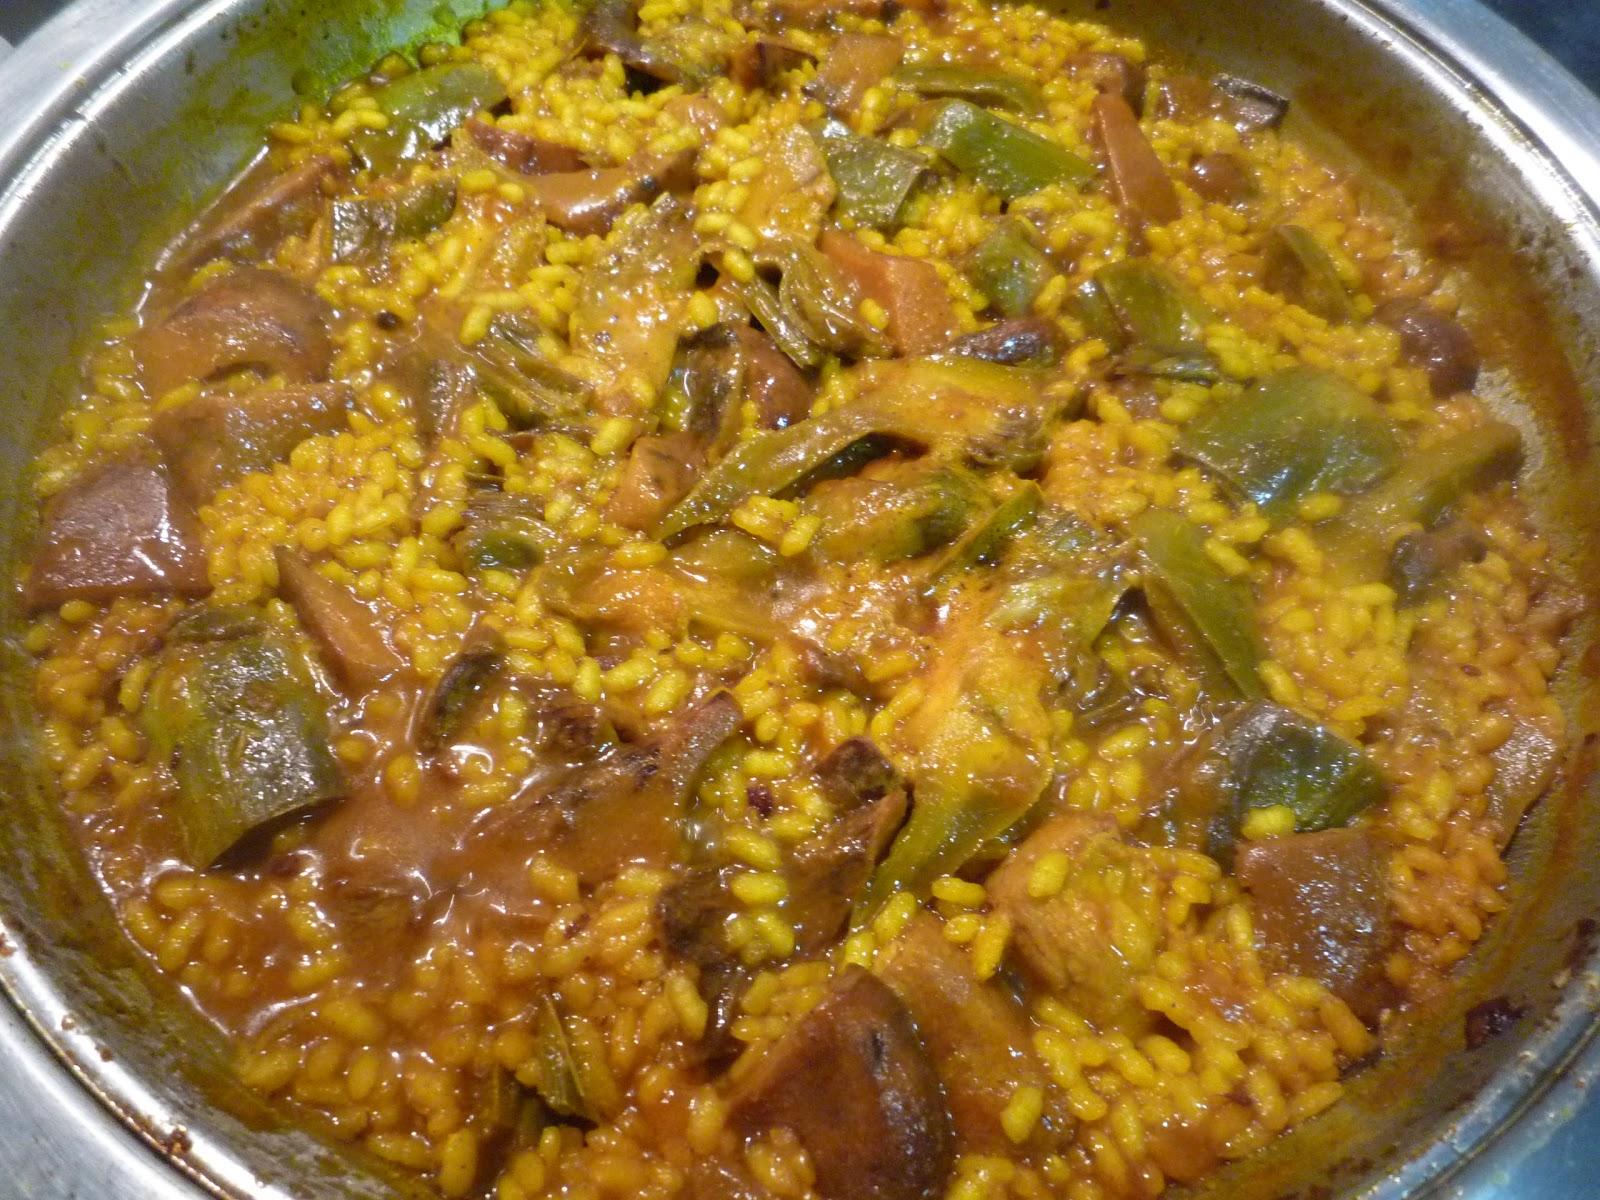 Cocinando con lola garc a arroz meloso de magro - Arroz caldoso con costillas y alcachofas ...